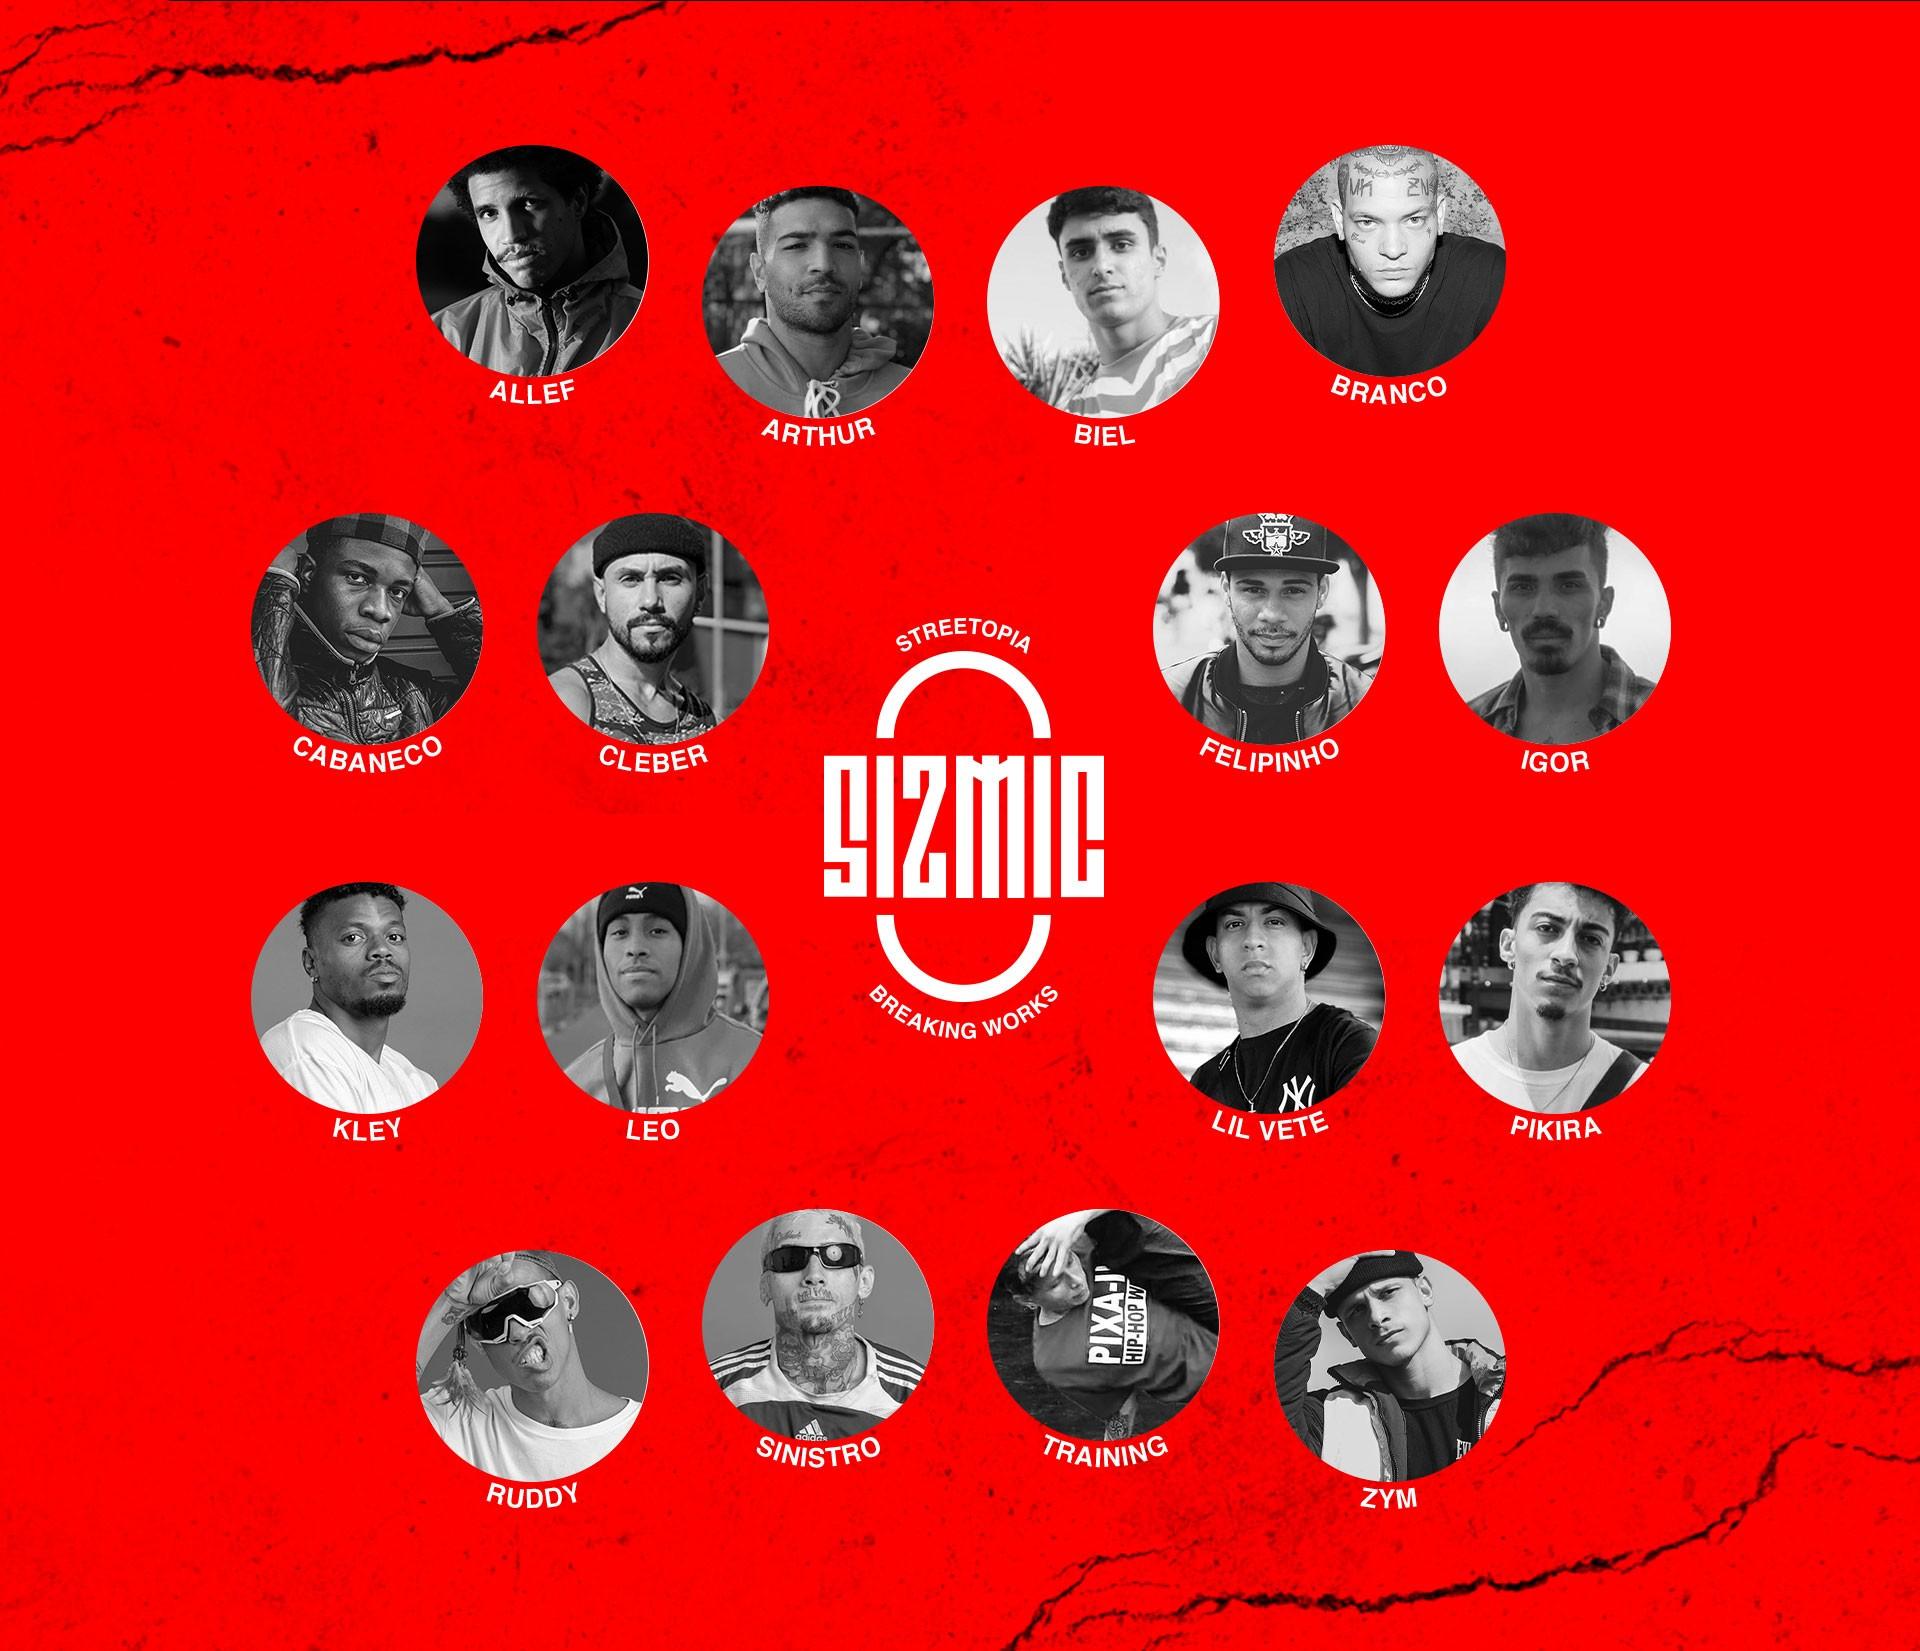 Sizmic Info 02